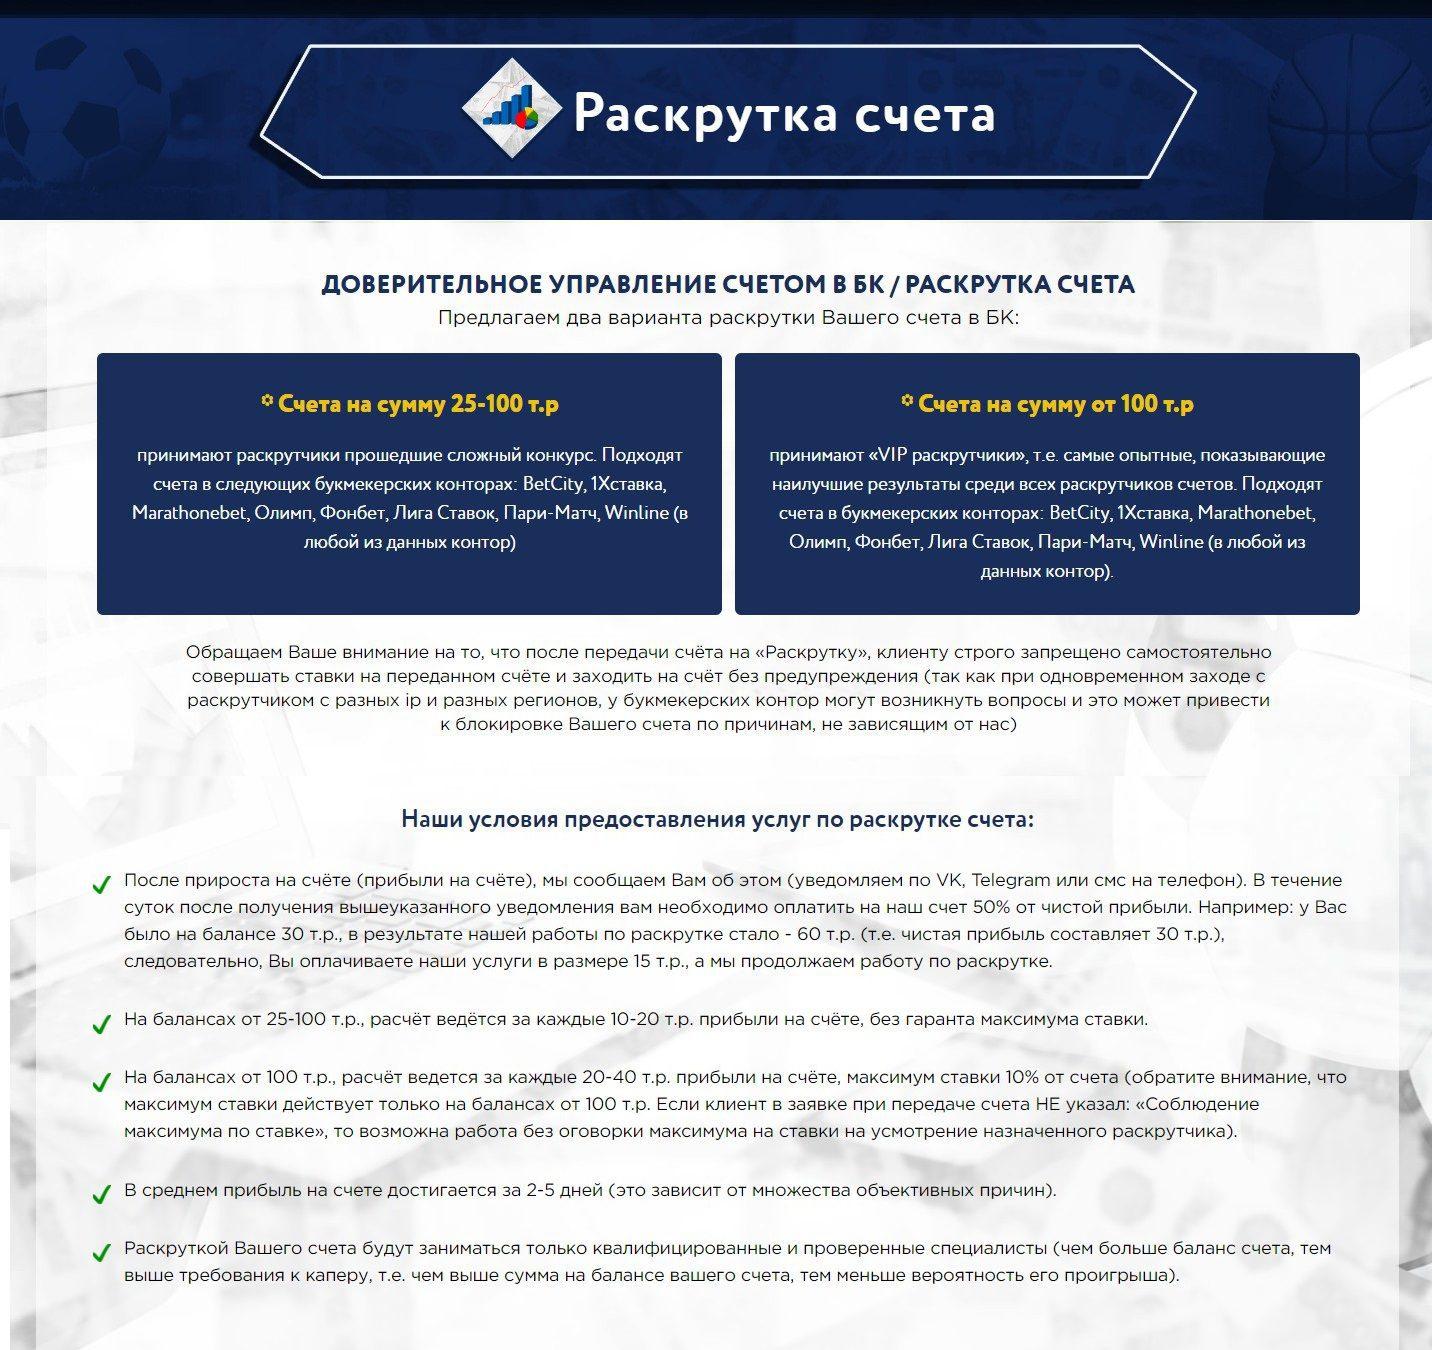 Раскрутка счета на сайте EeBet.ru